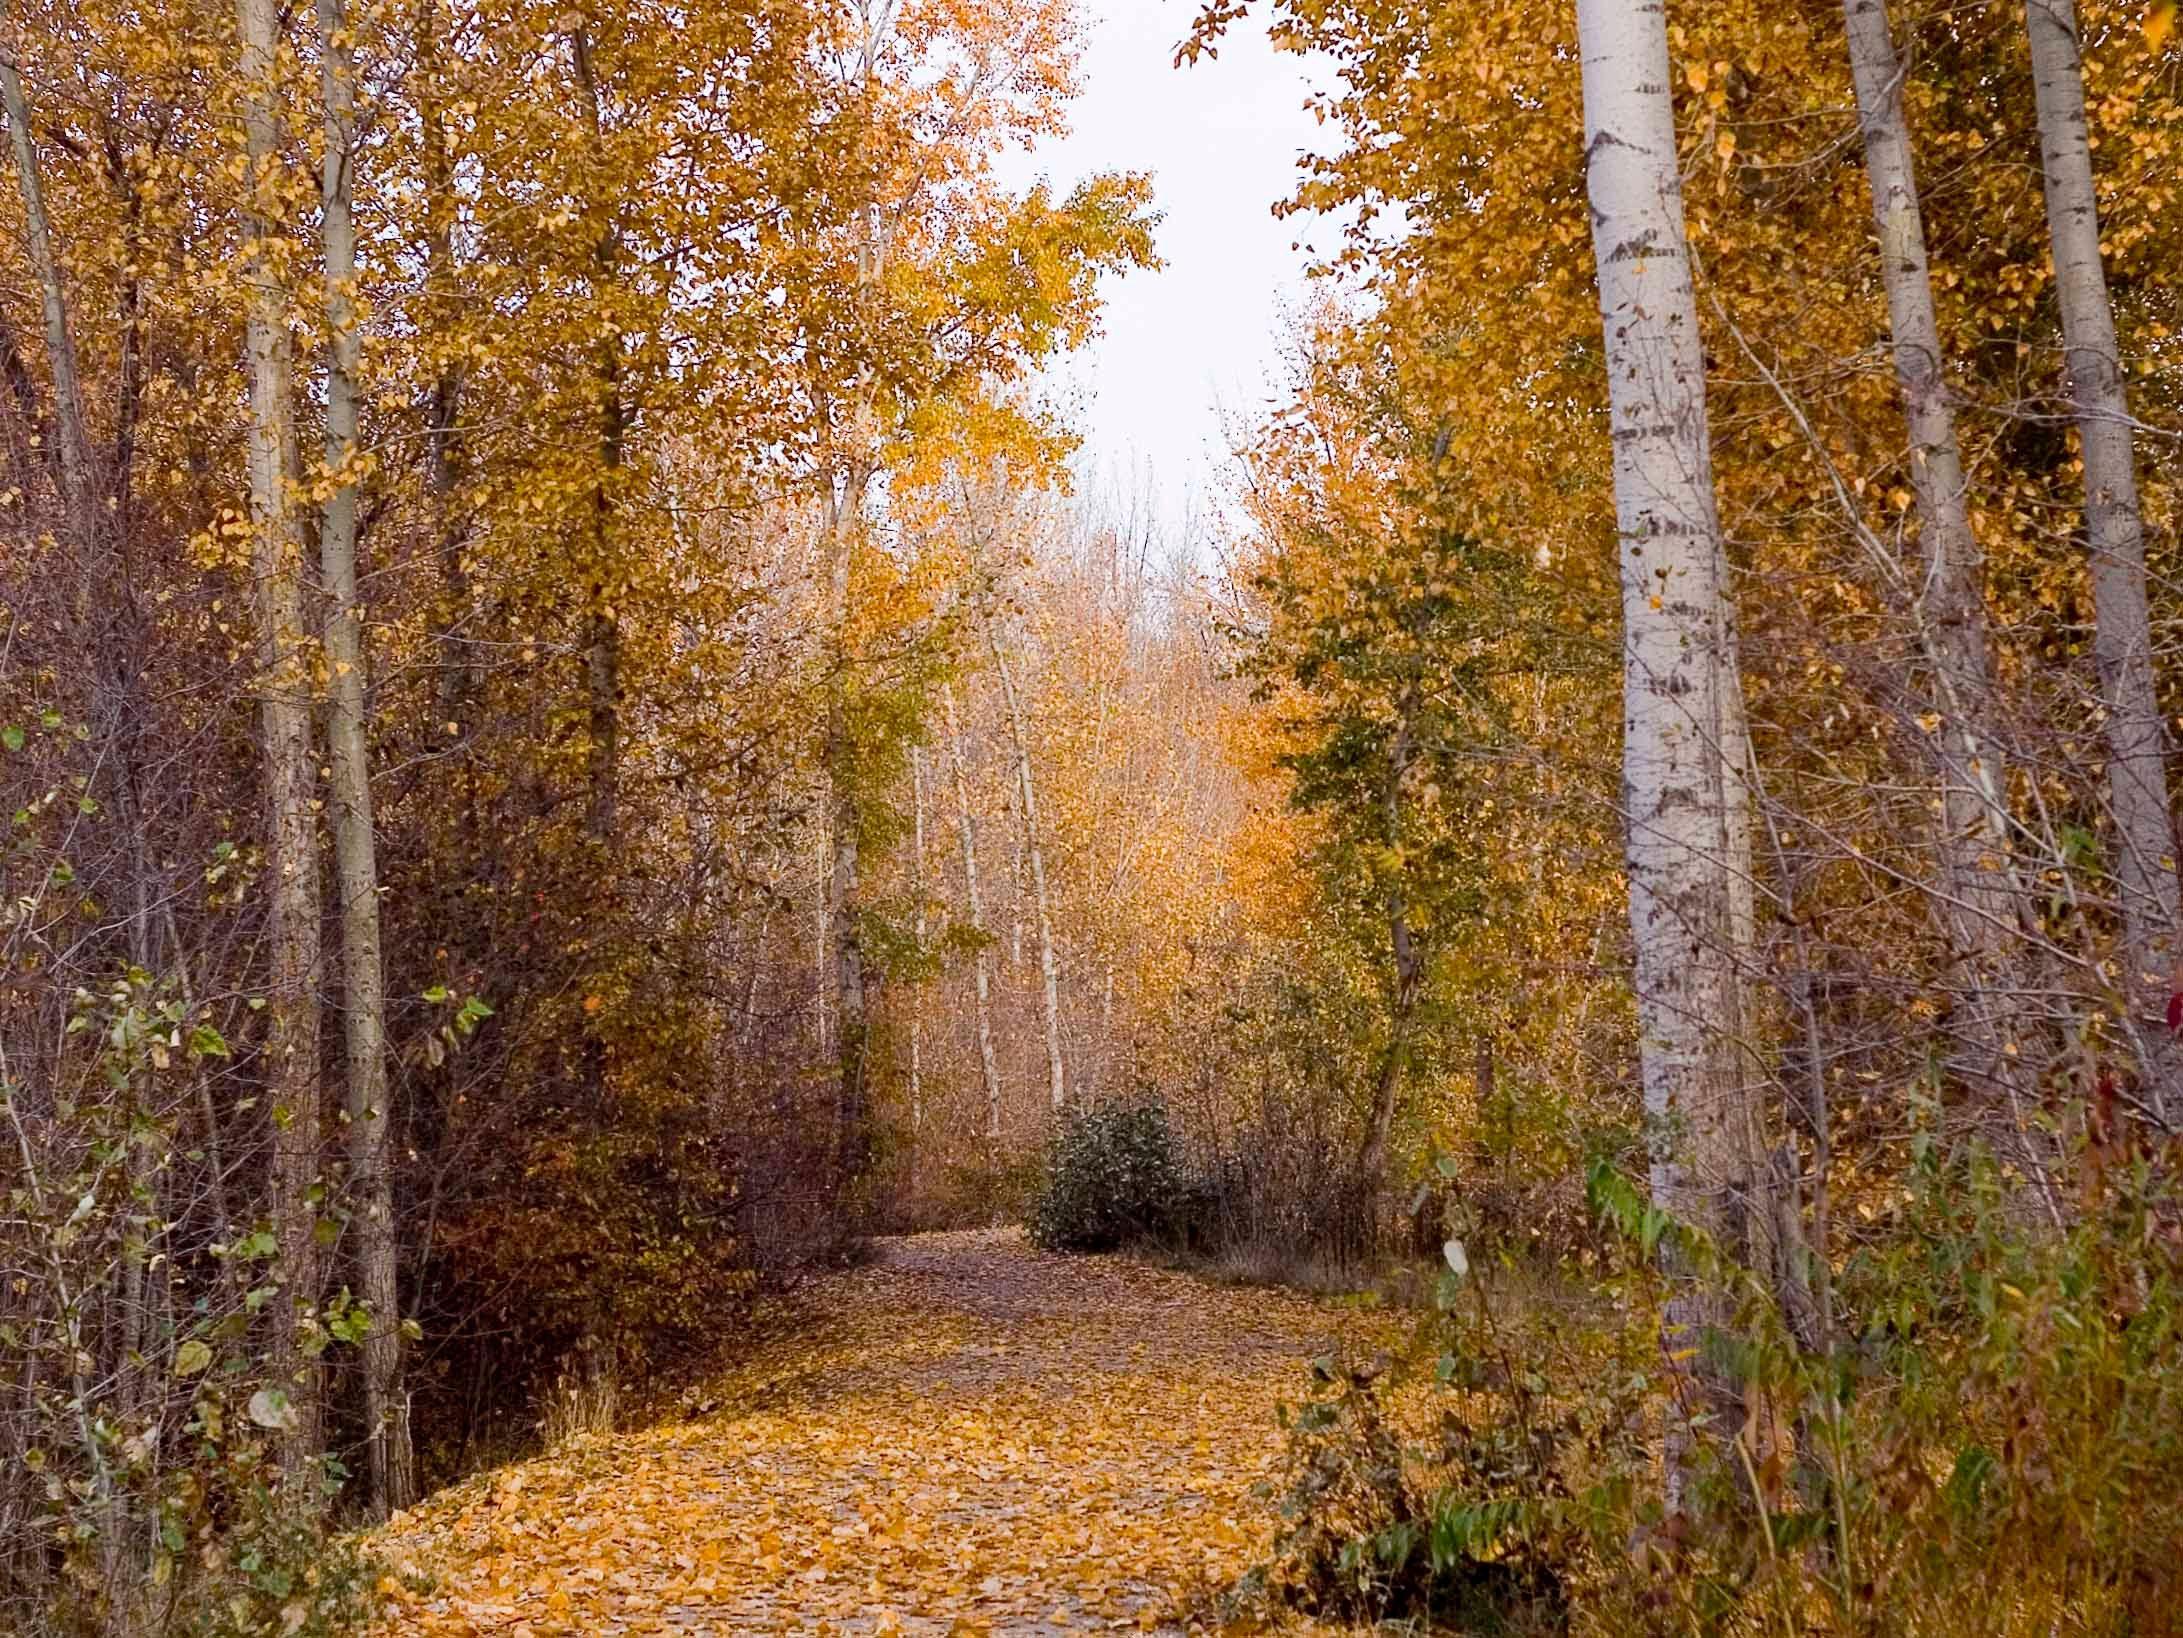 Fall camping destinations: Okanagan Falls Provincial Park, British Columbia